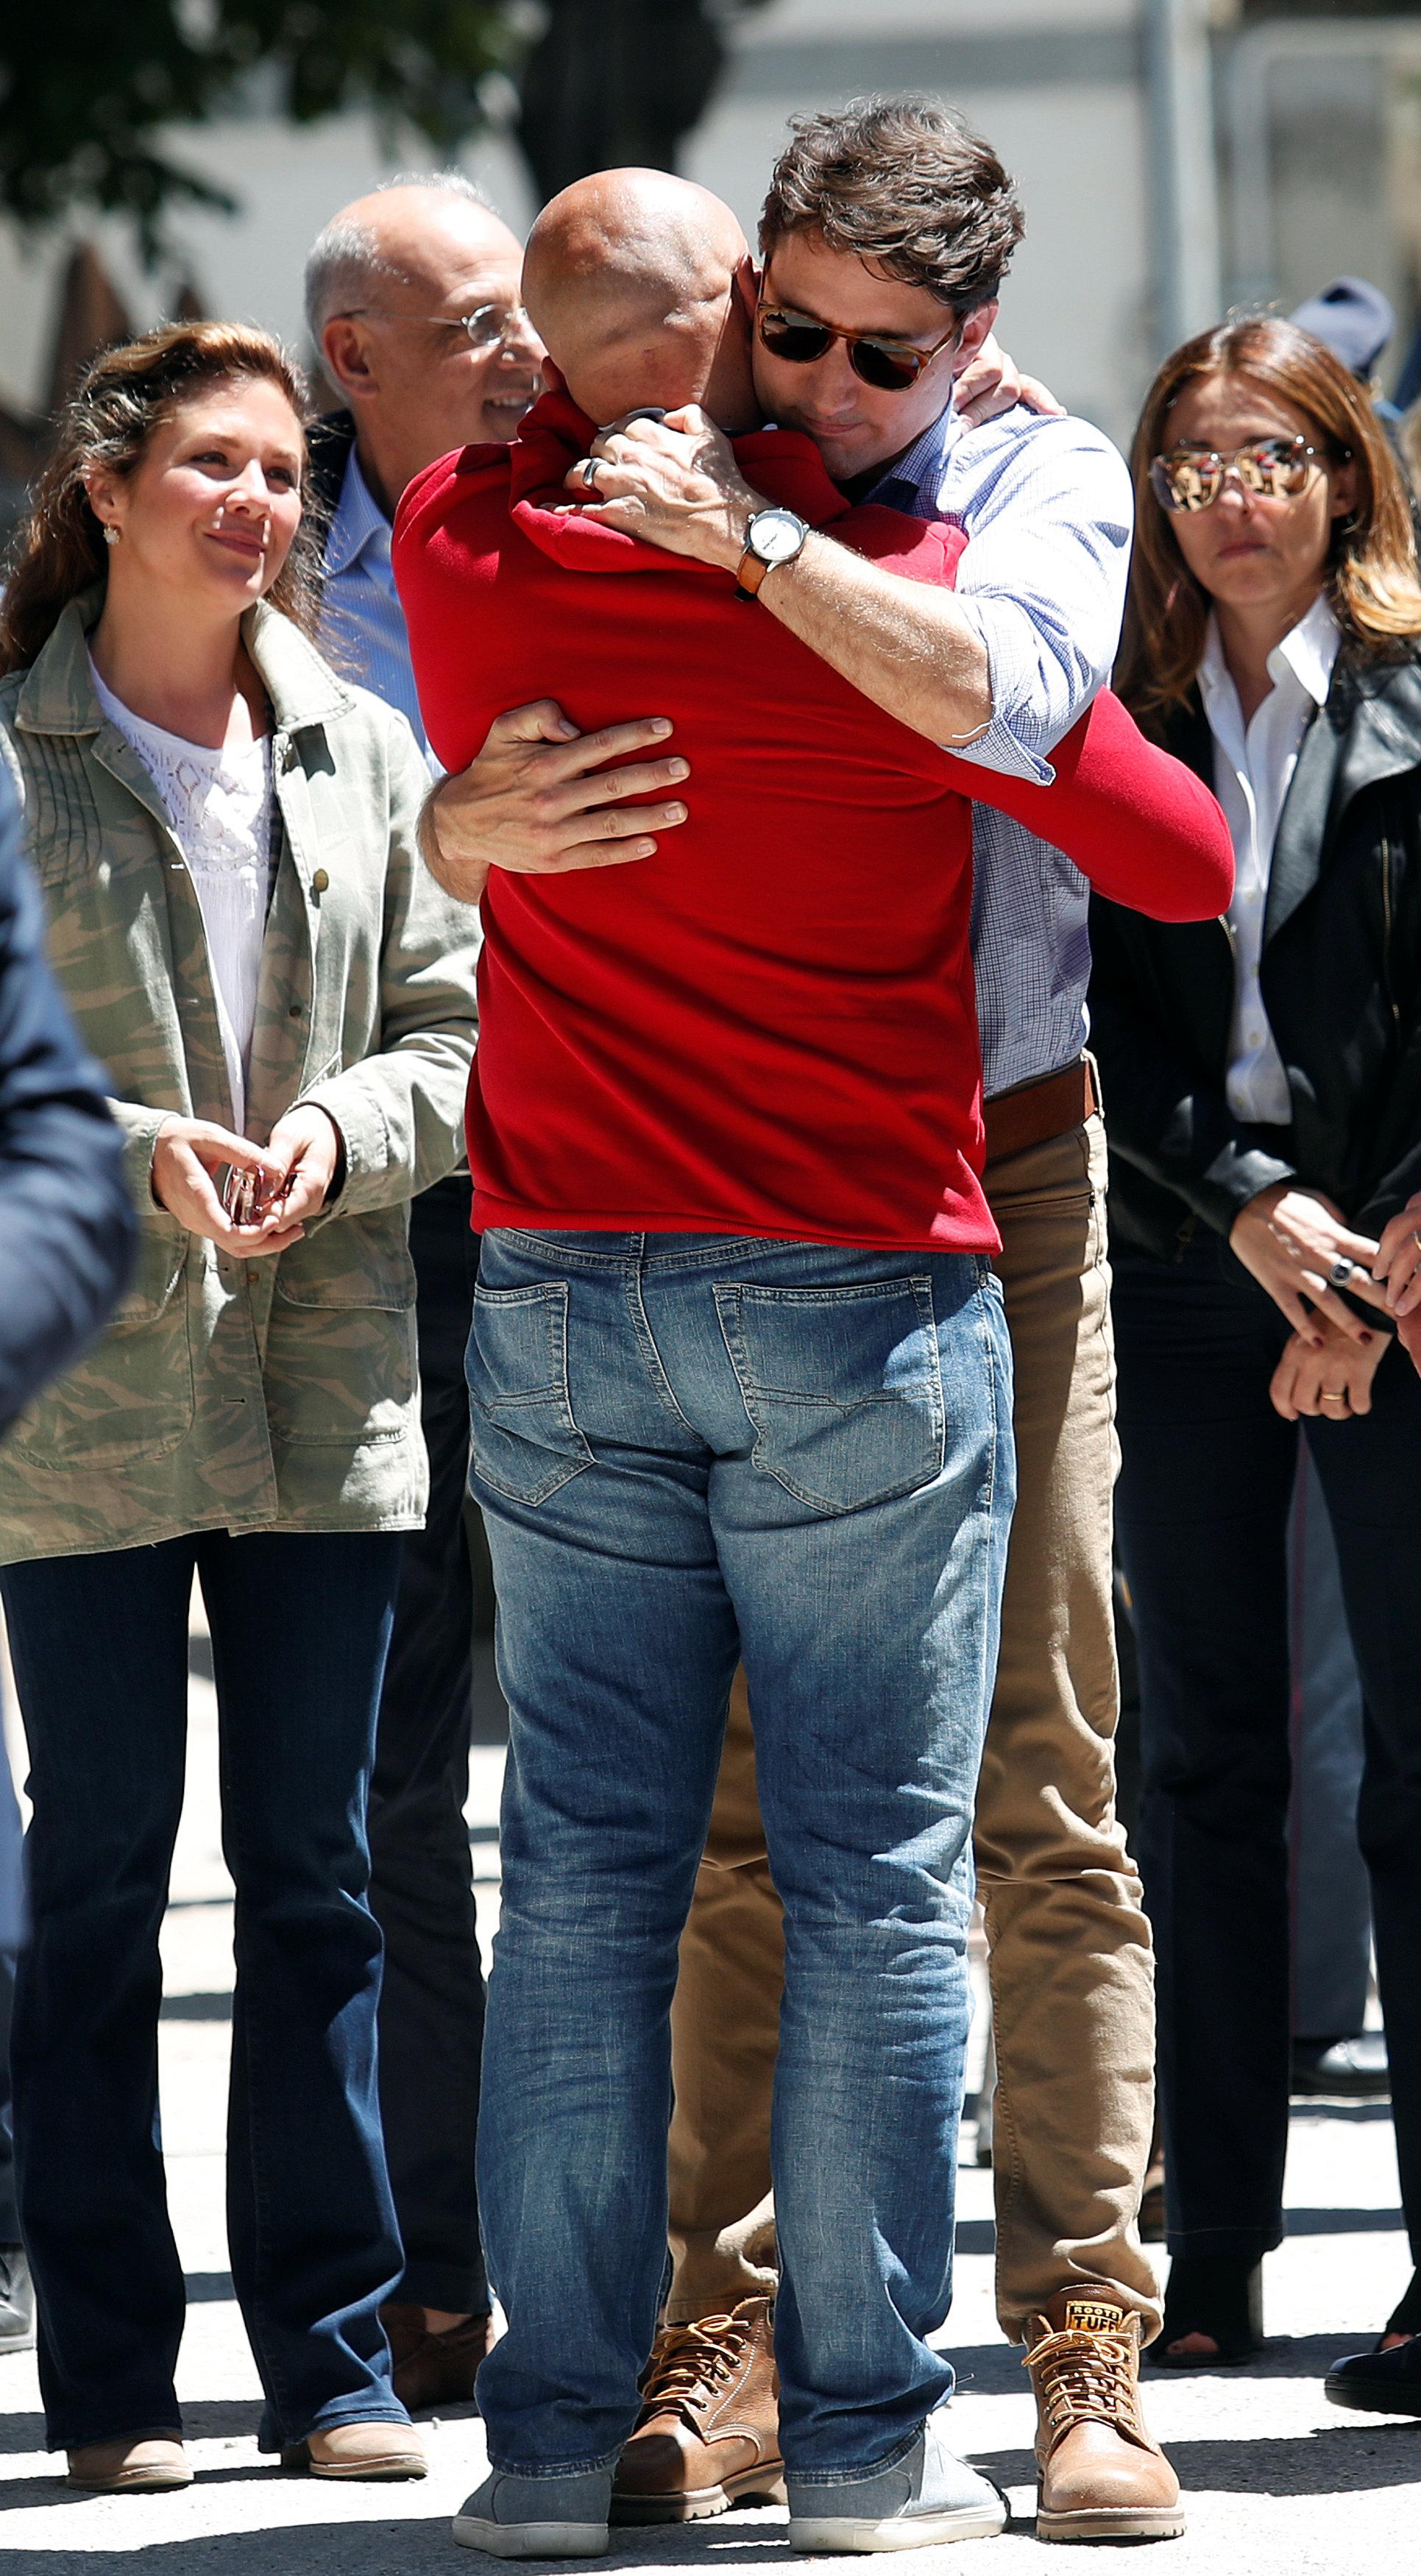 بالصور.. رئيس وزراء كندا وزوجته يزوران مدينة إيطالية دمرها الزلزال بالكامل